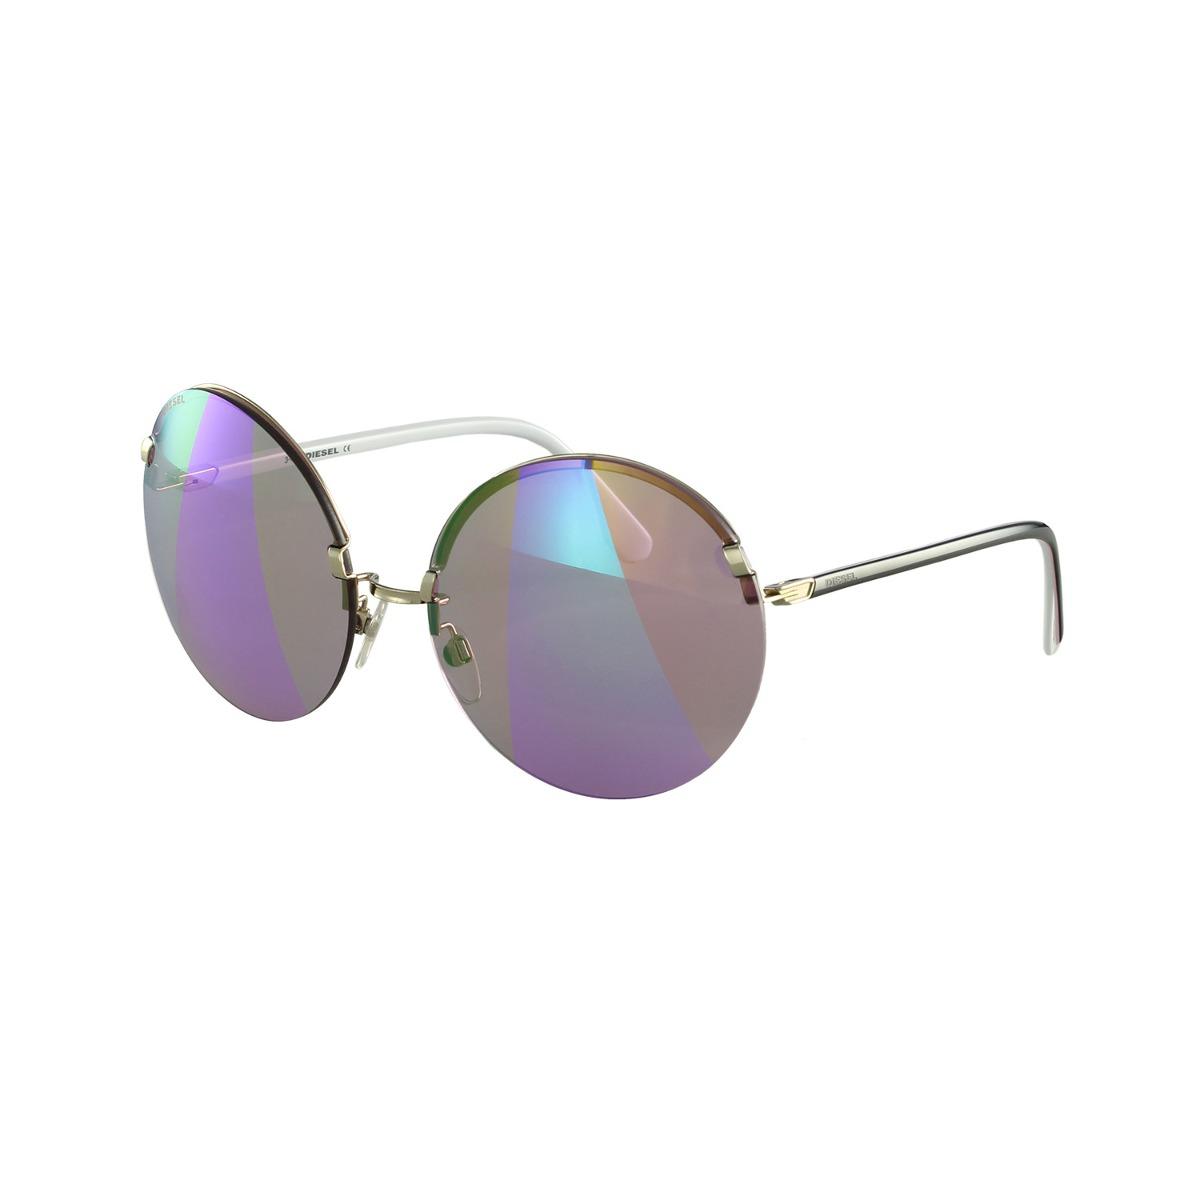 e1d21d560e9df Óculos De Sol Diesel Fashion Roxo - R  570,00 em Mercado Livre